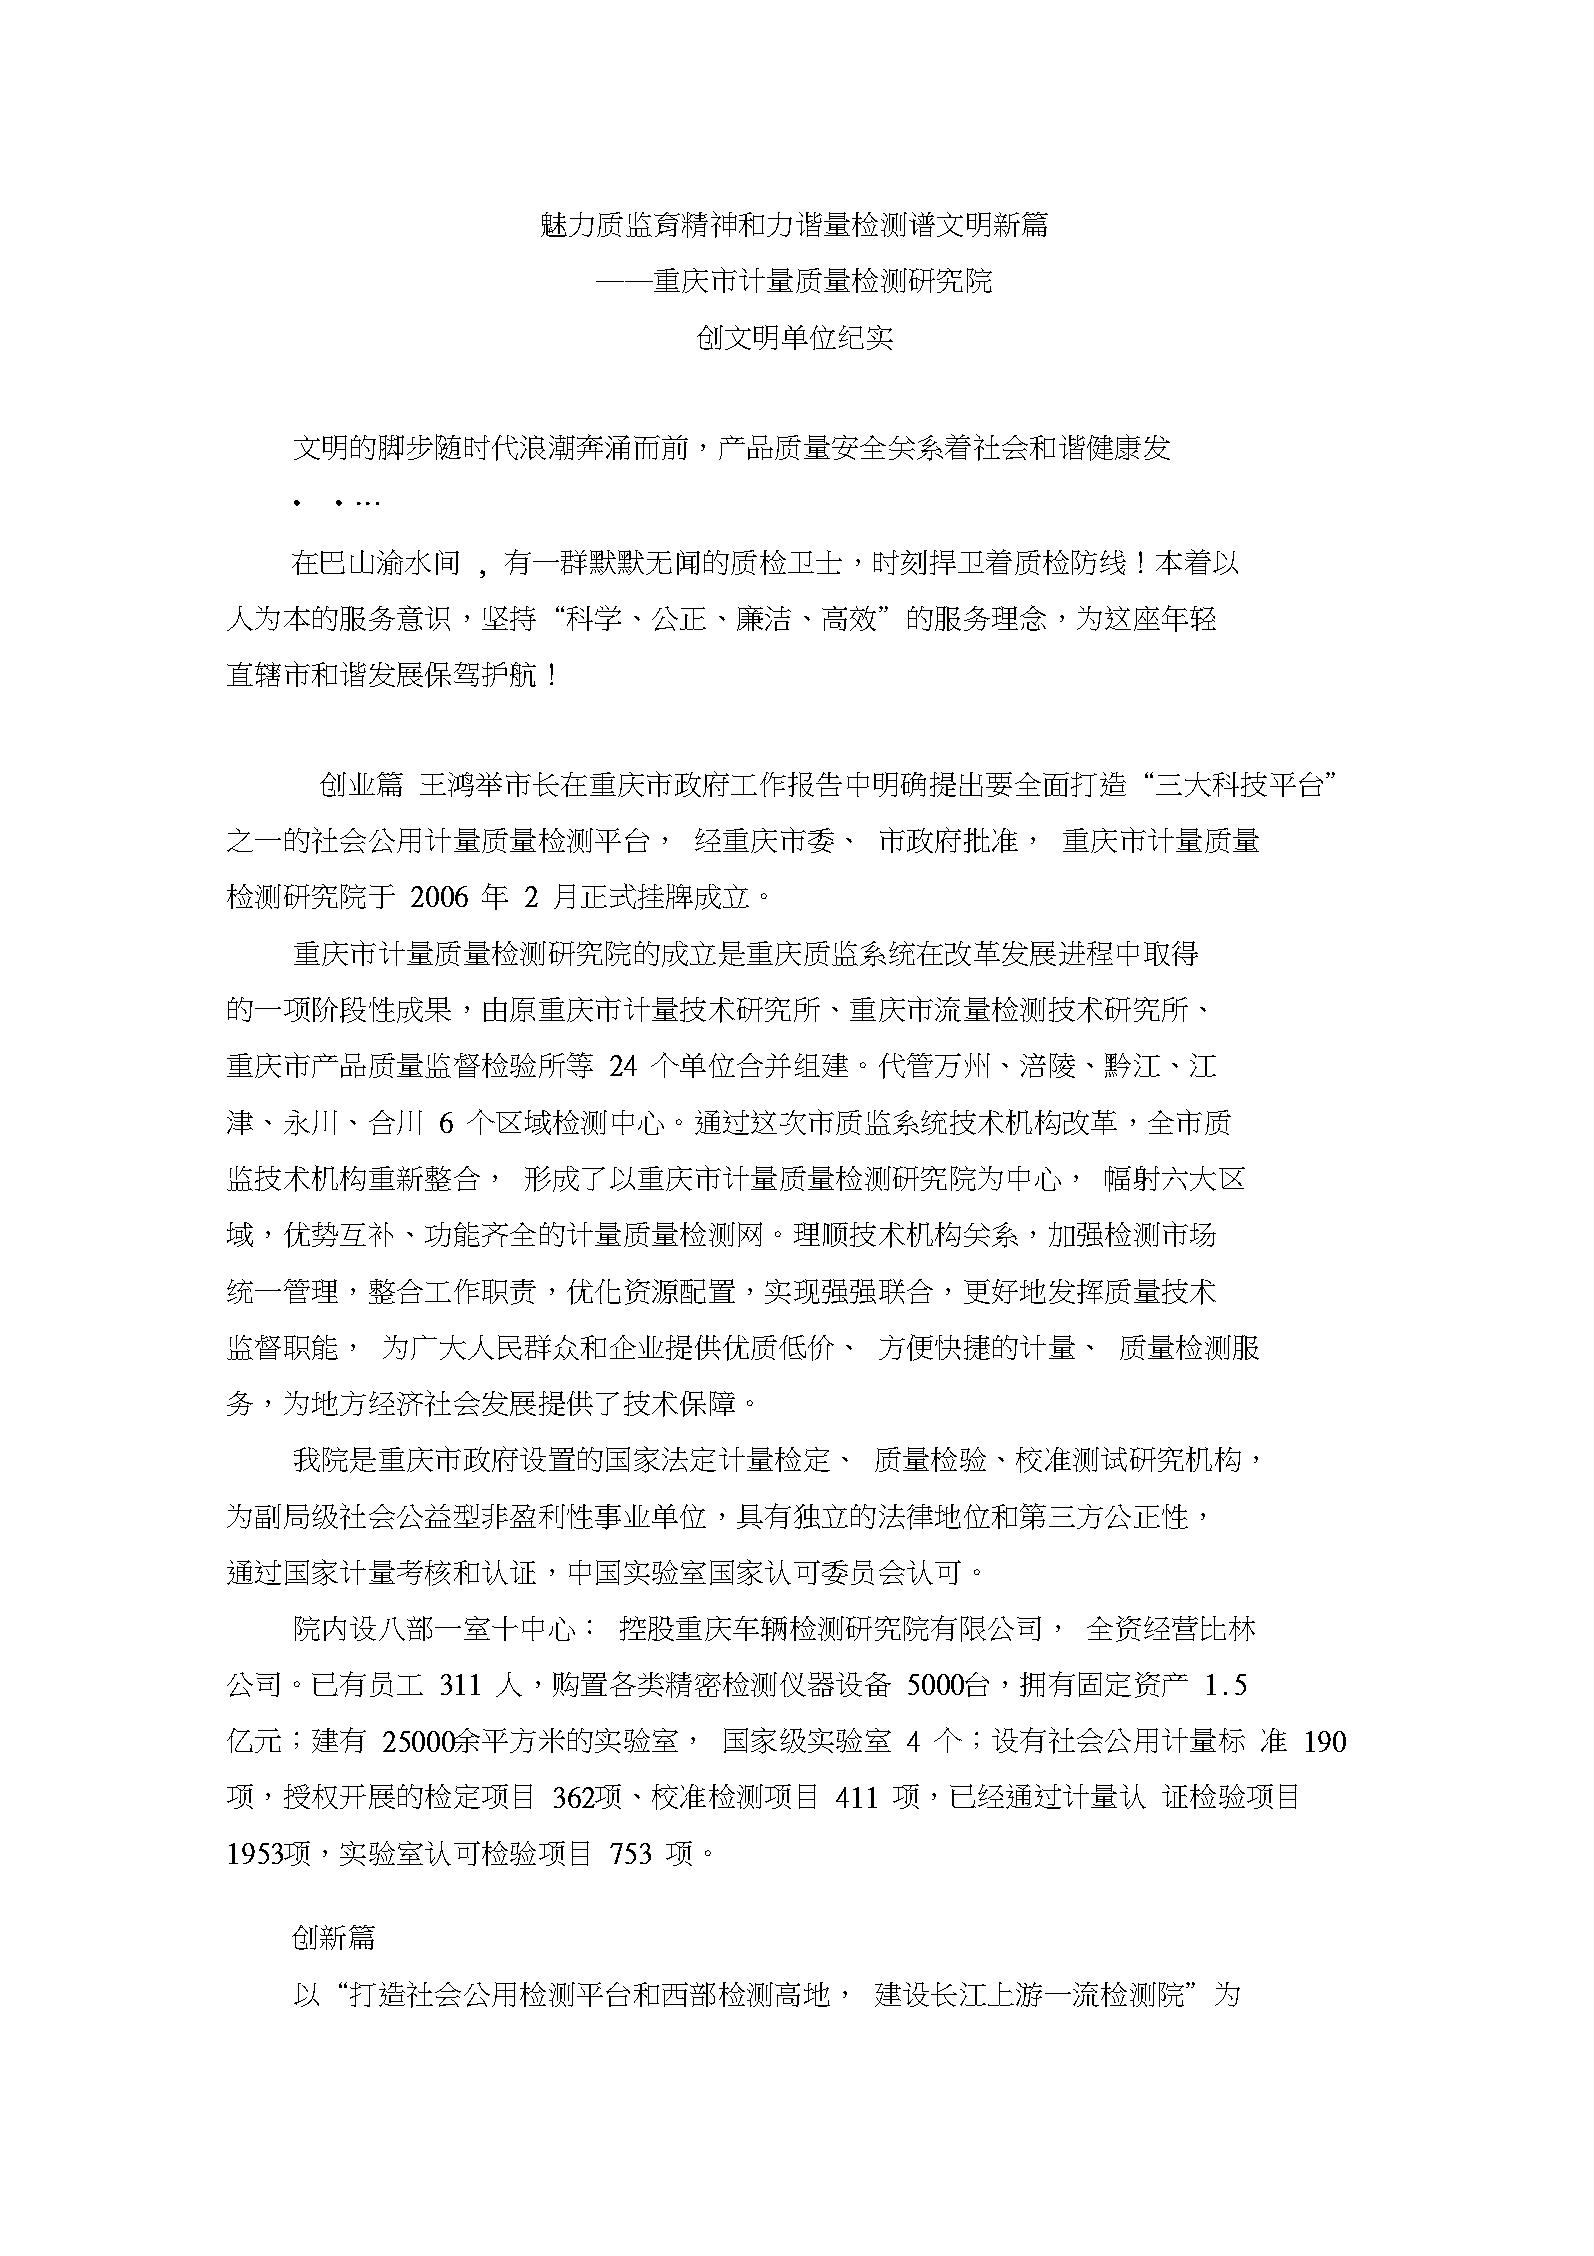 计量质量检测院解说词9.12.docx